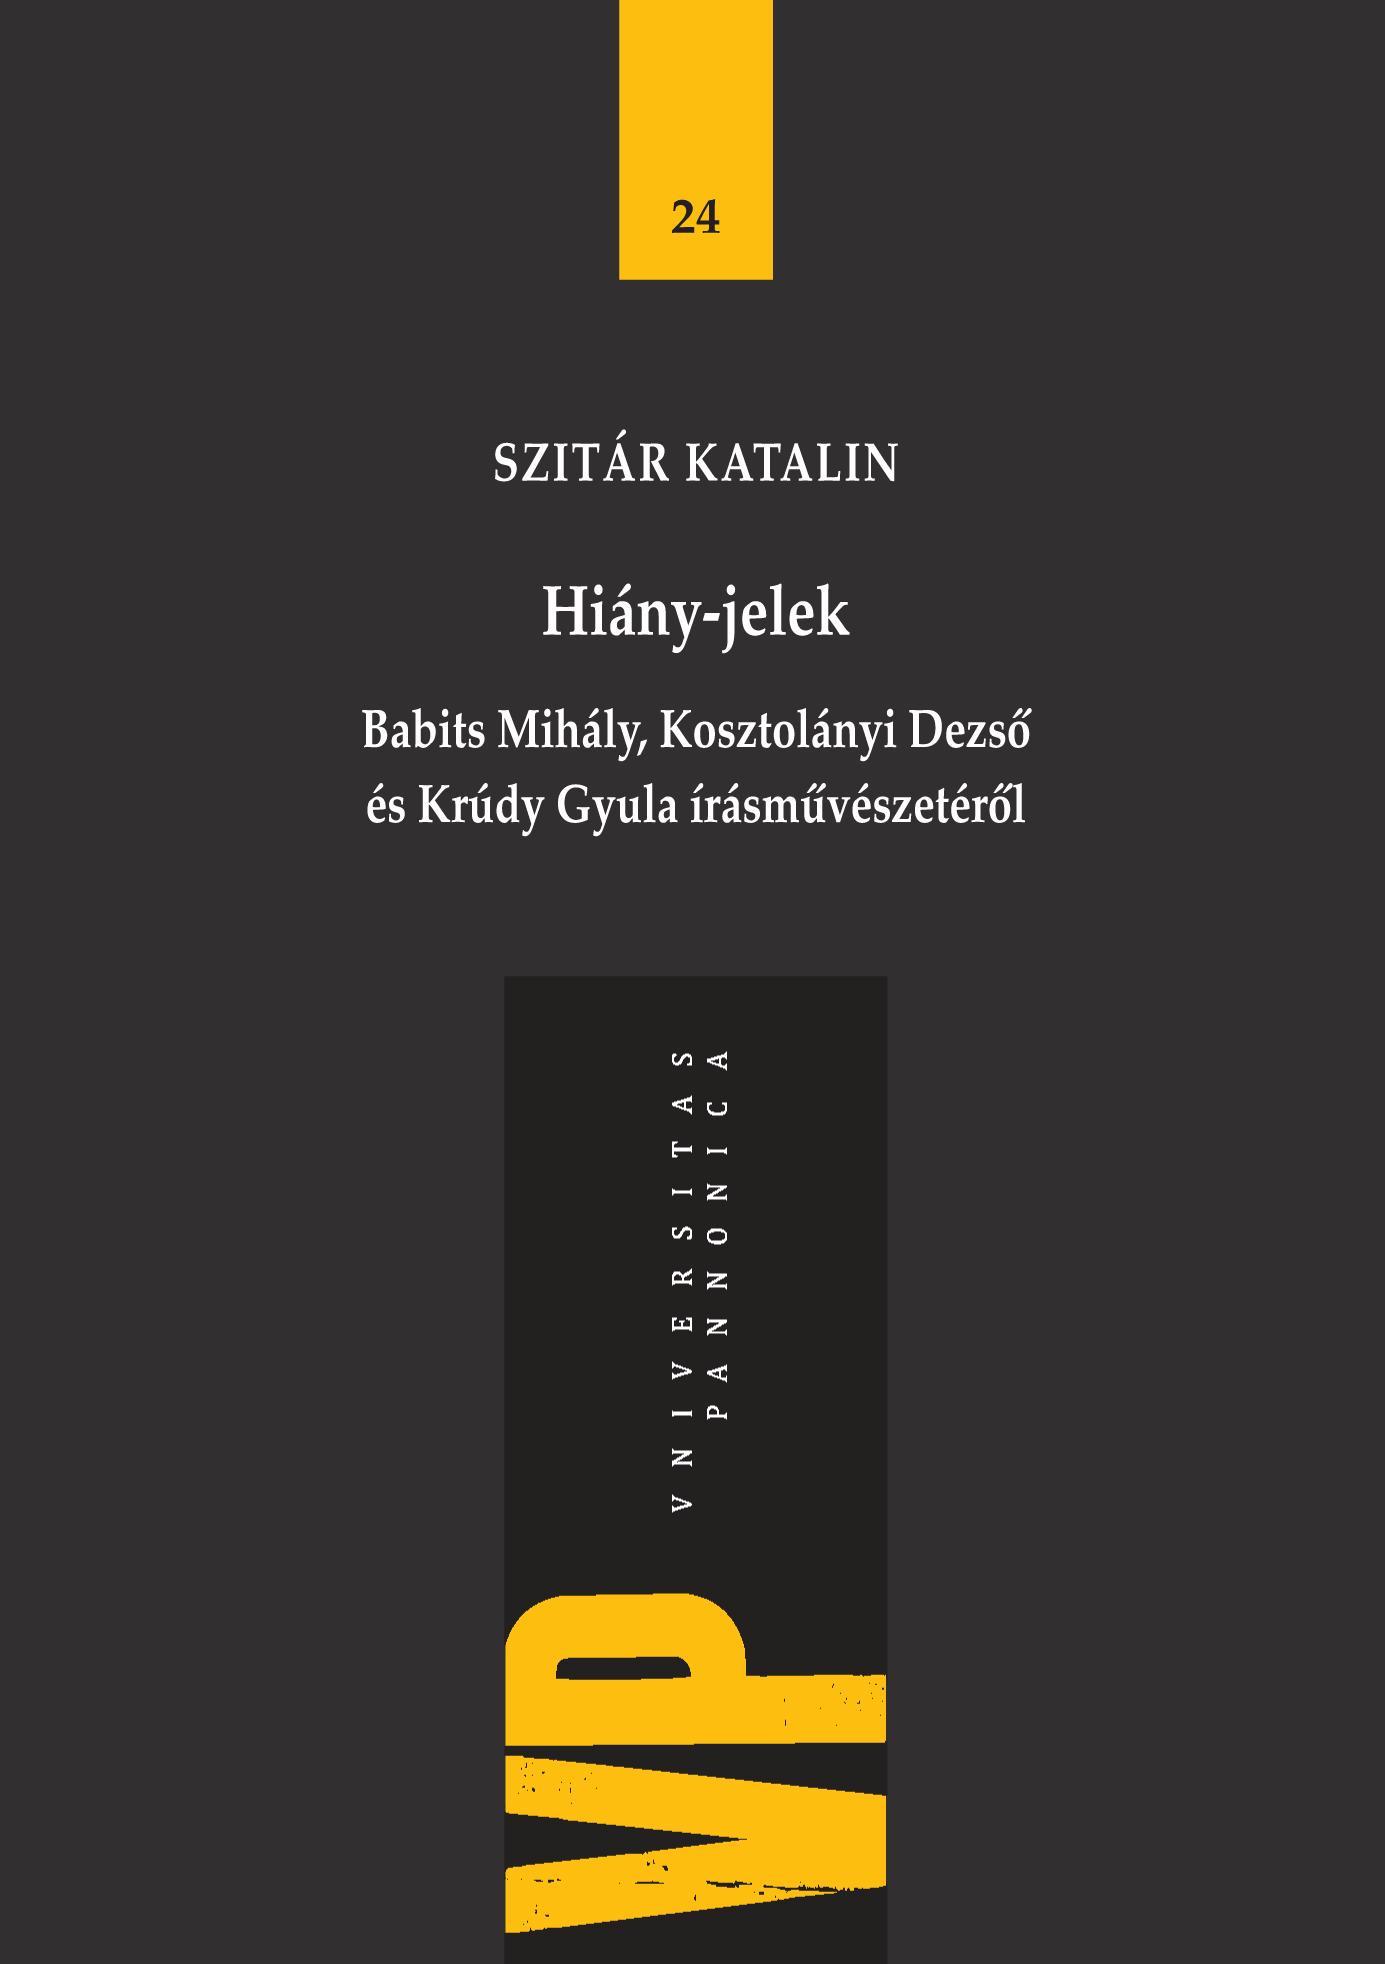 SZITÁR KATALIN - HIÁNY-JELEK - BABITS MIHÁLY, KOSZTOLÁNYI DEZSŐ ÉS KRÚDY GYULA ÍRÁSMŰVÉSZETÉRŐL